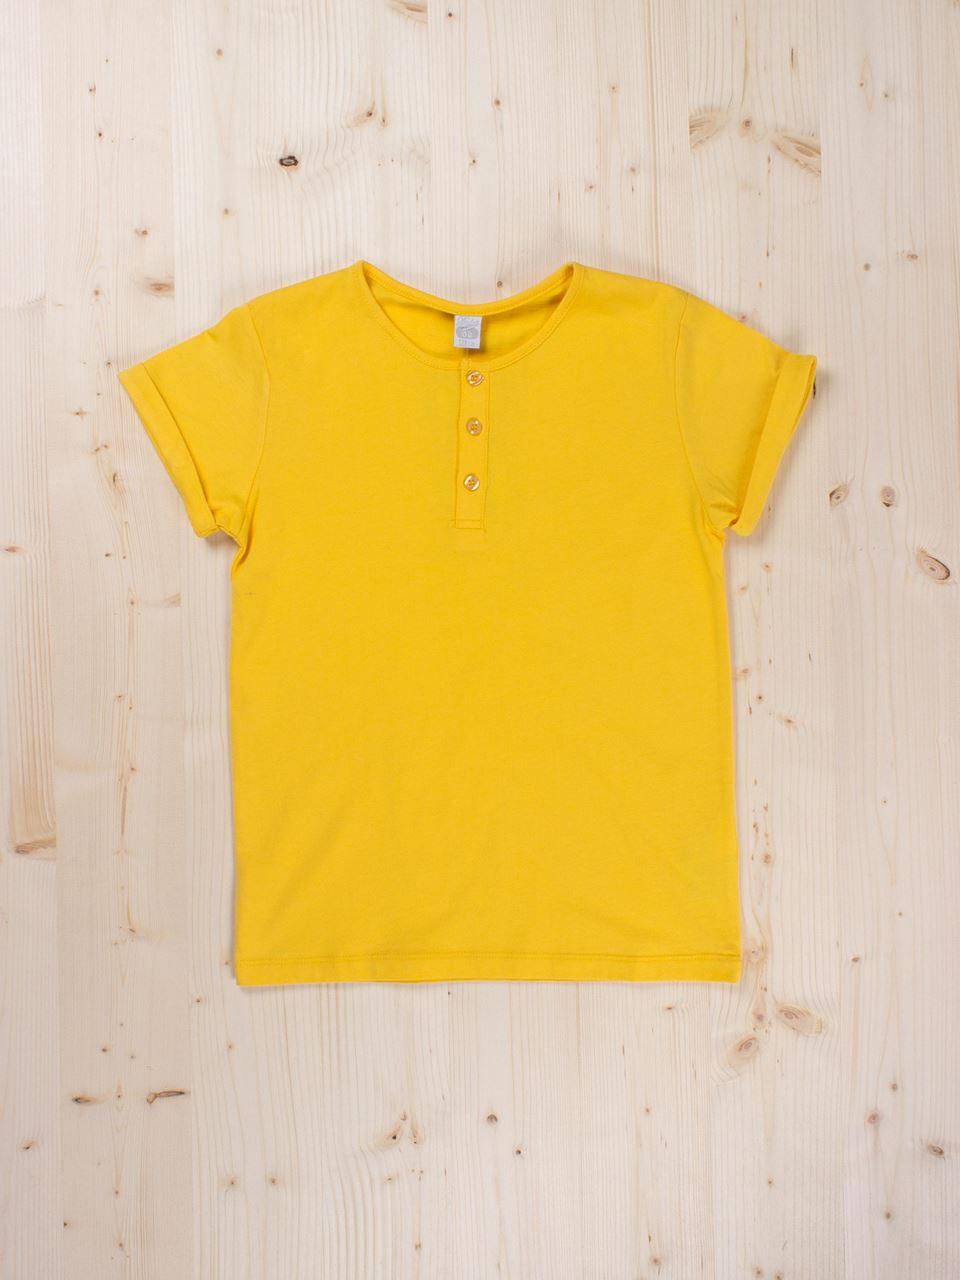 a86212d0e Camiseta amarilla. Dadati Profesionales